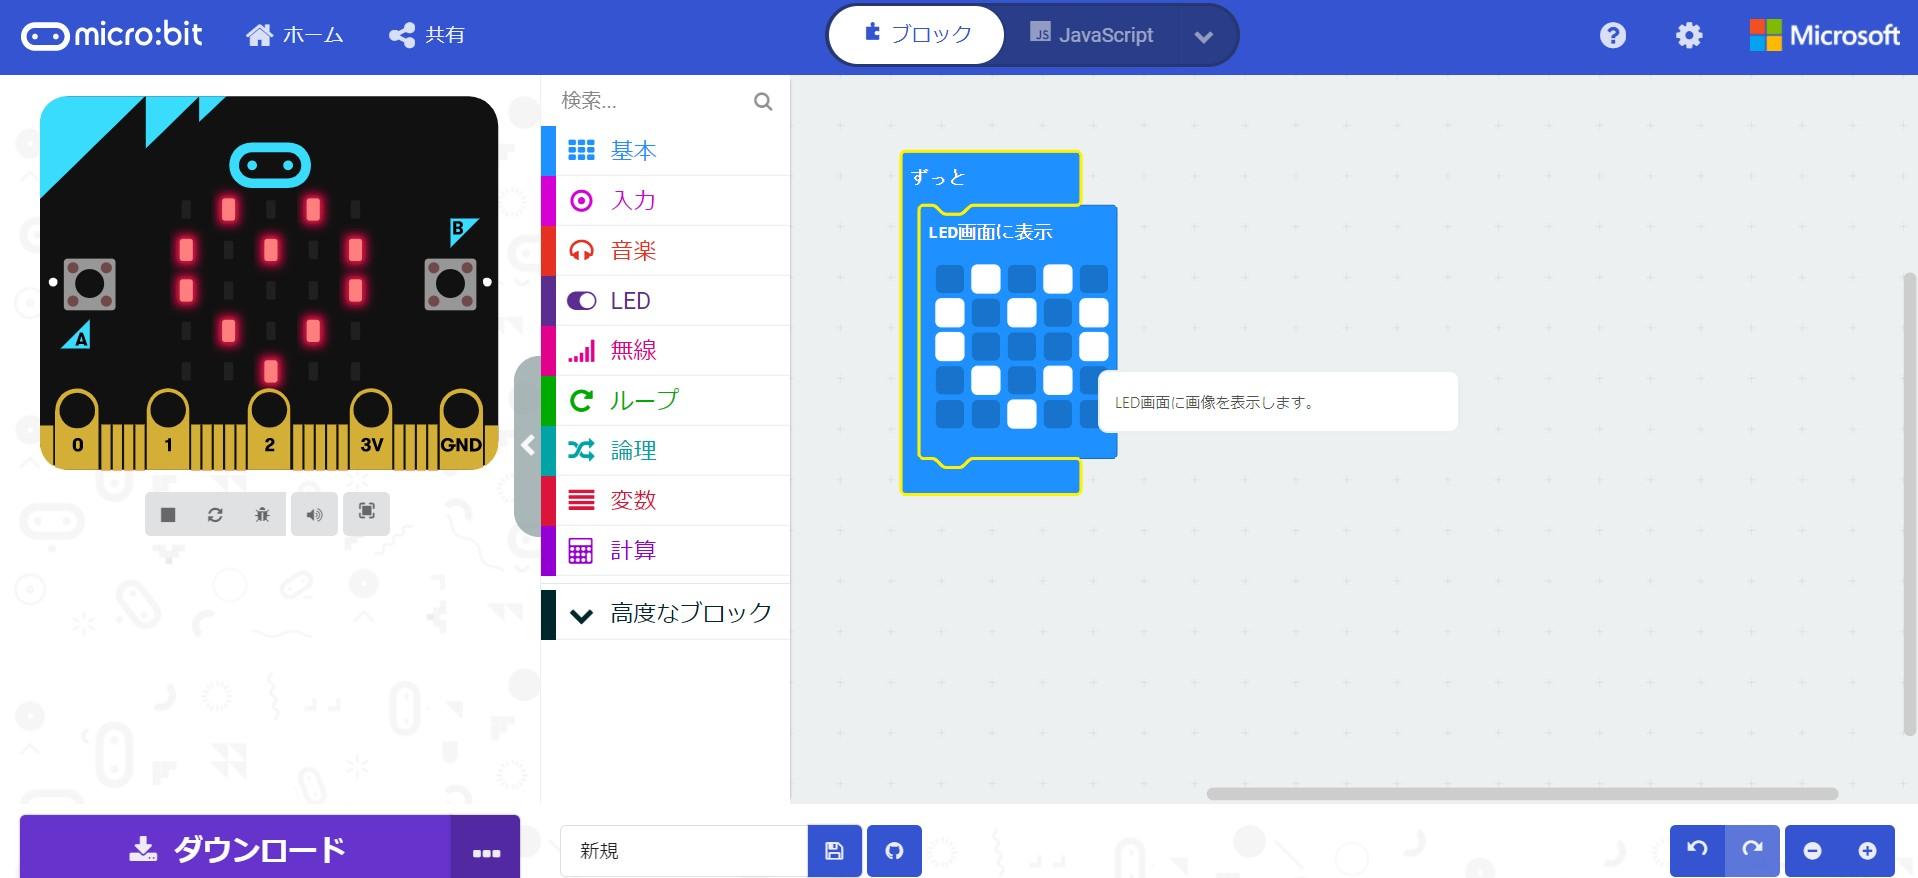 マイクロビットできること(10)